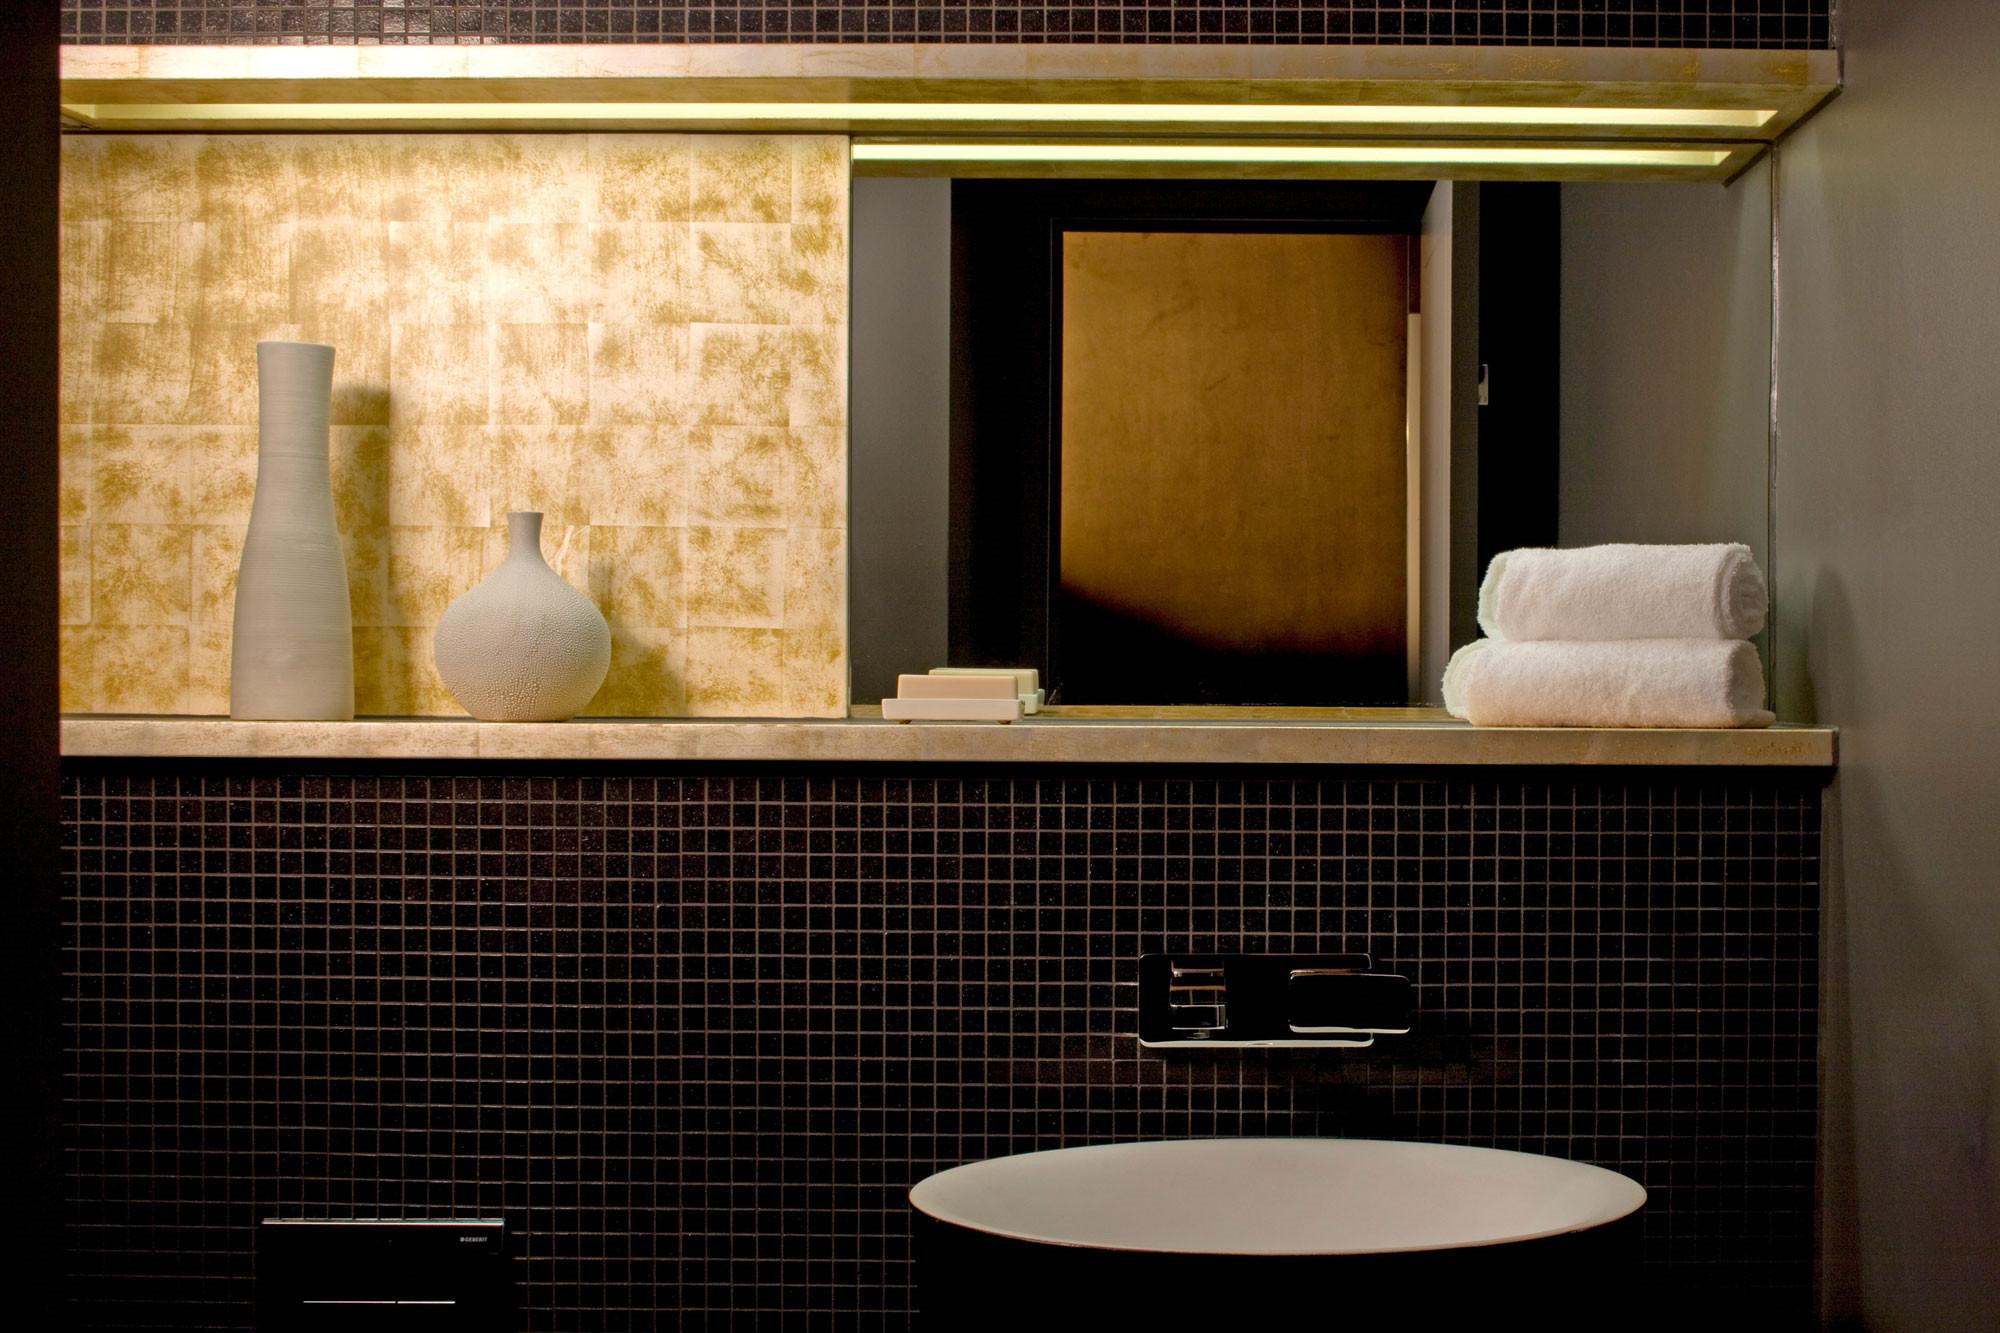 卫生间做了干湿分离,非常的实用。